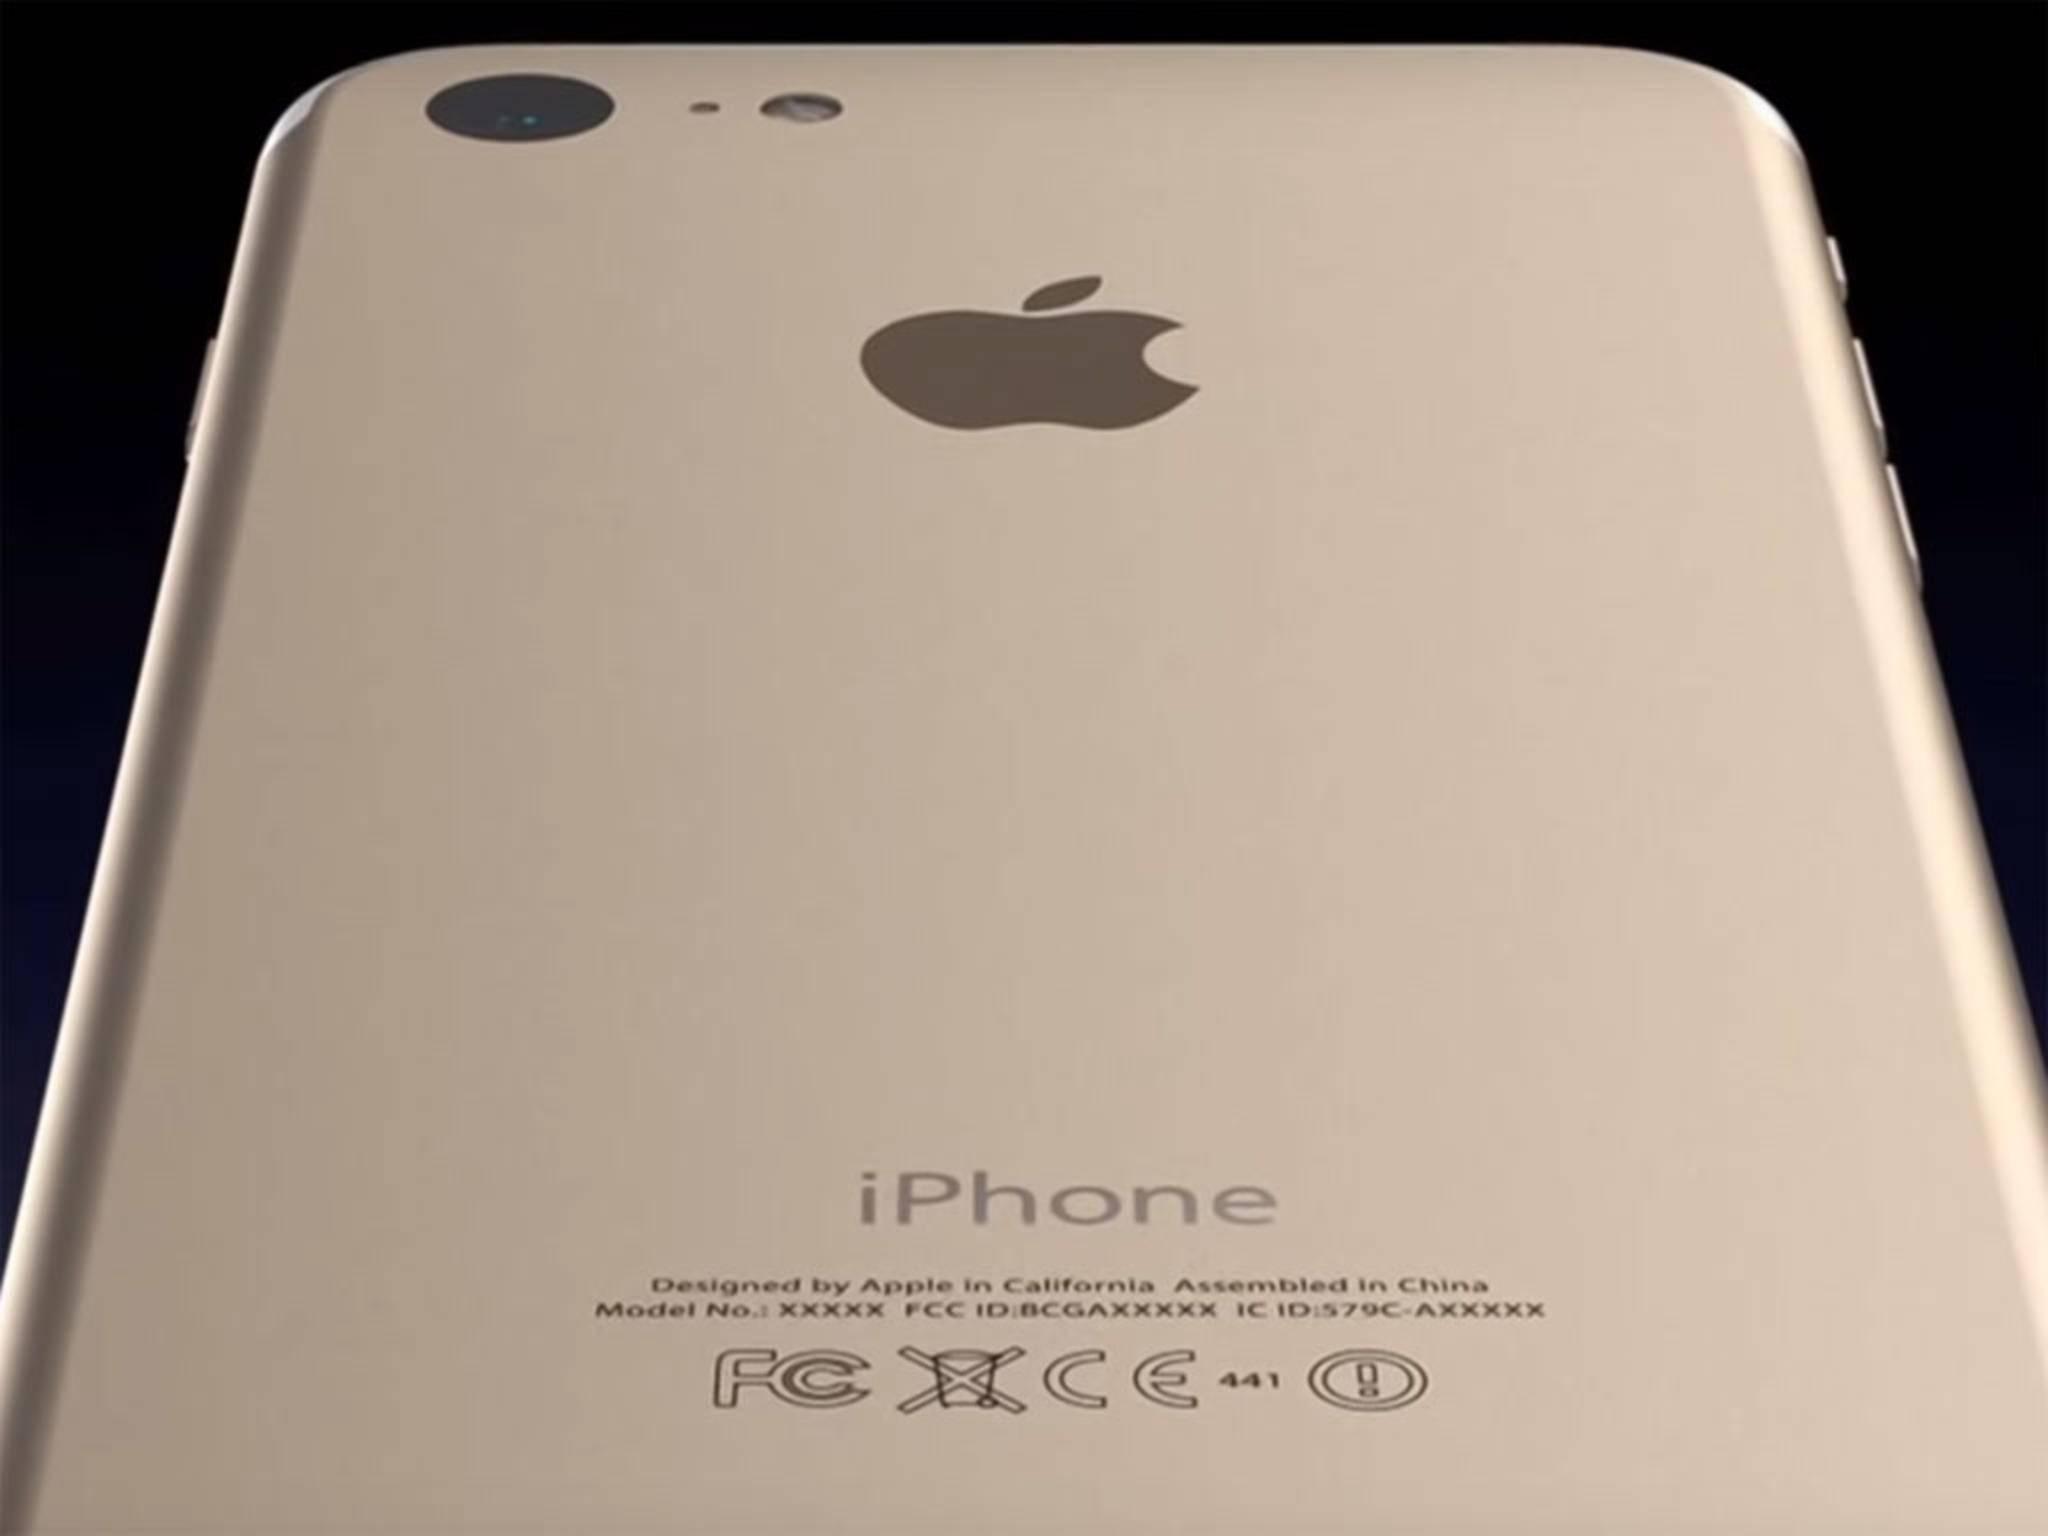 Das iPhone 7 Plus soll die gleichen Abmessungen wie das iPhone 6s Plus besitzen.